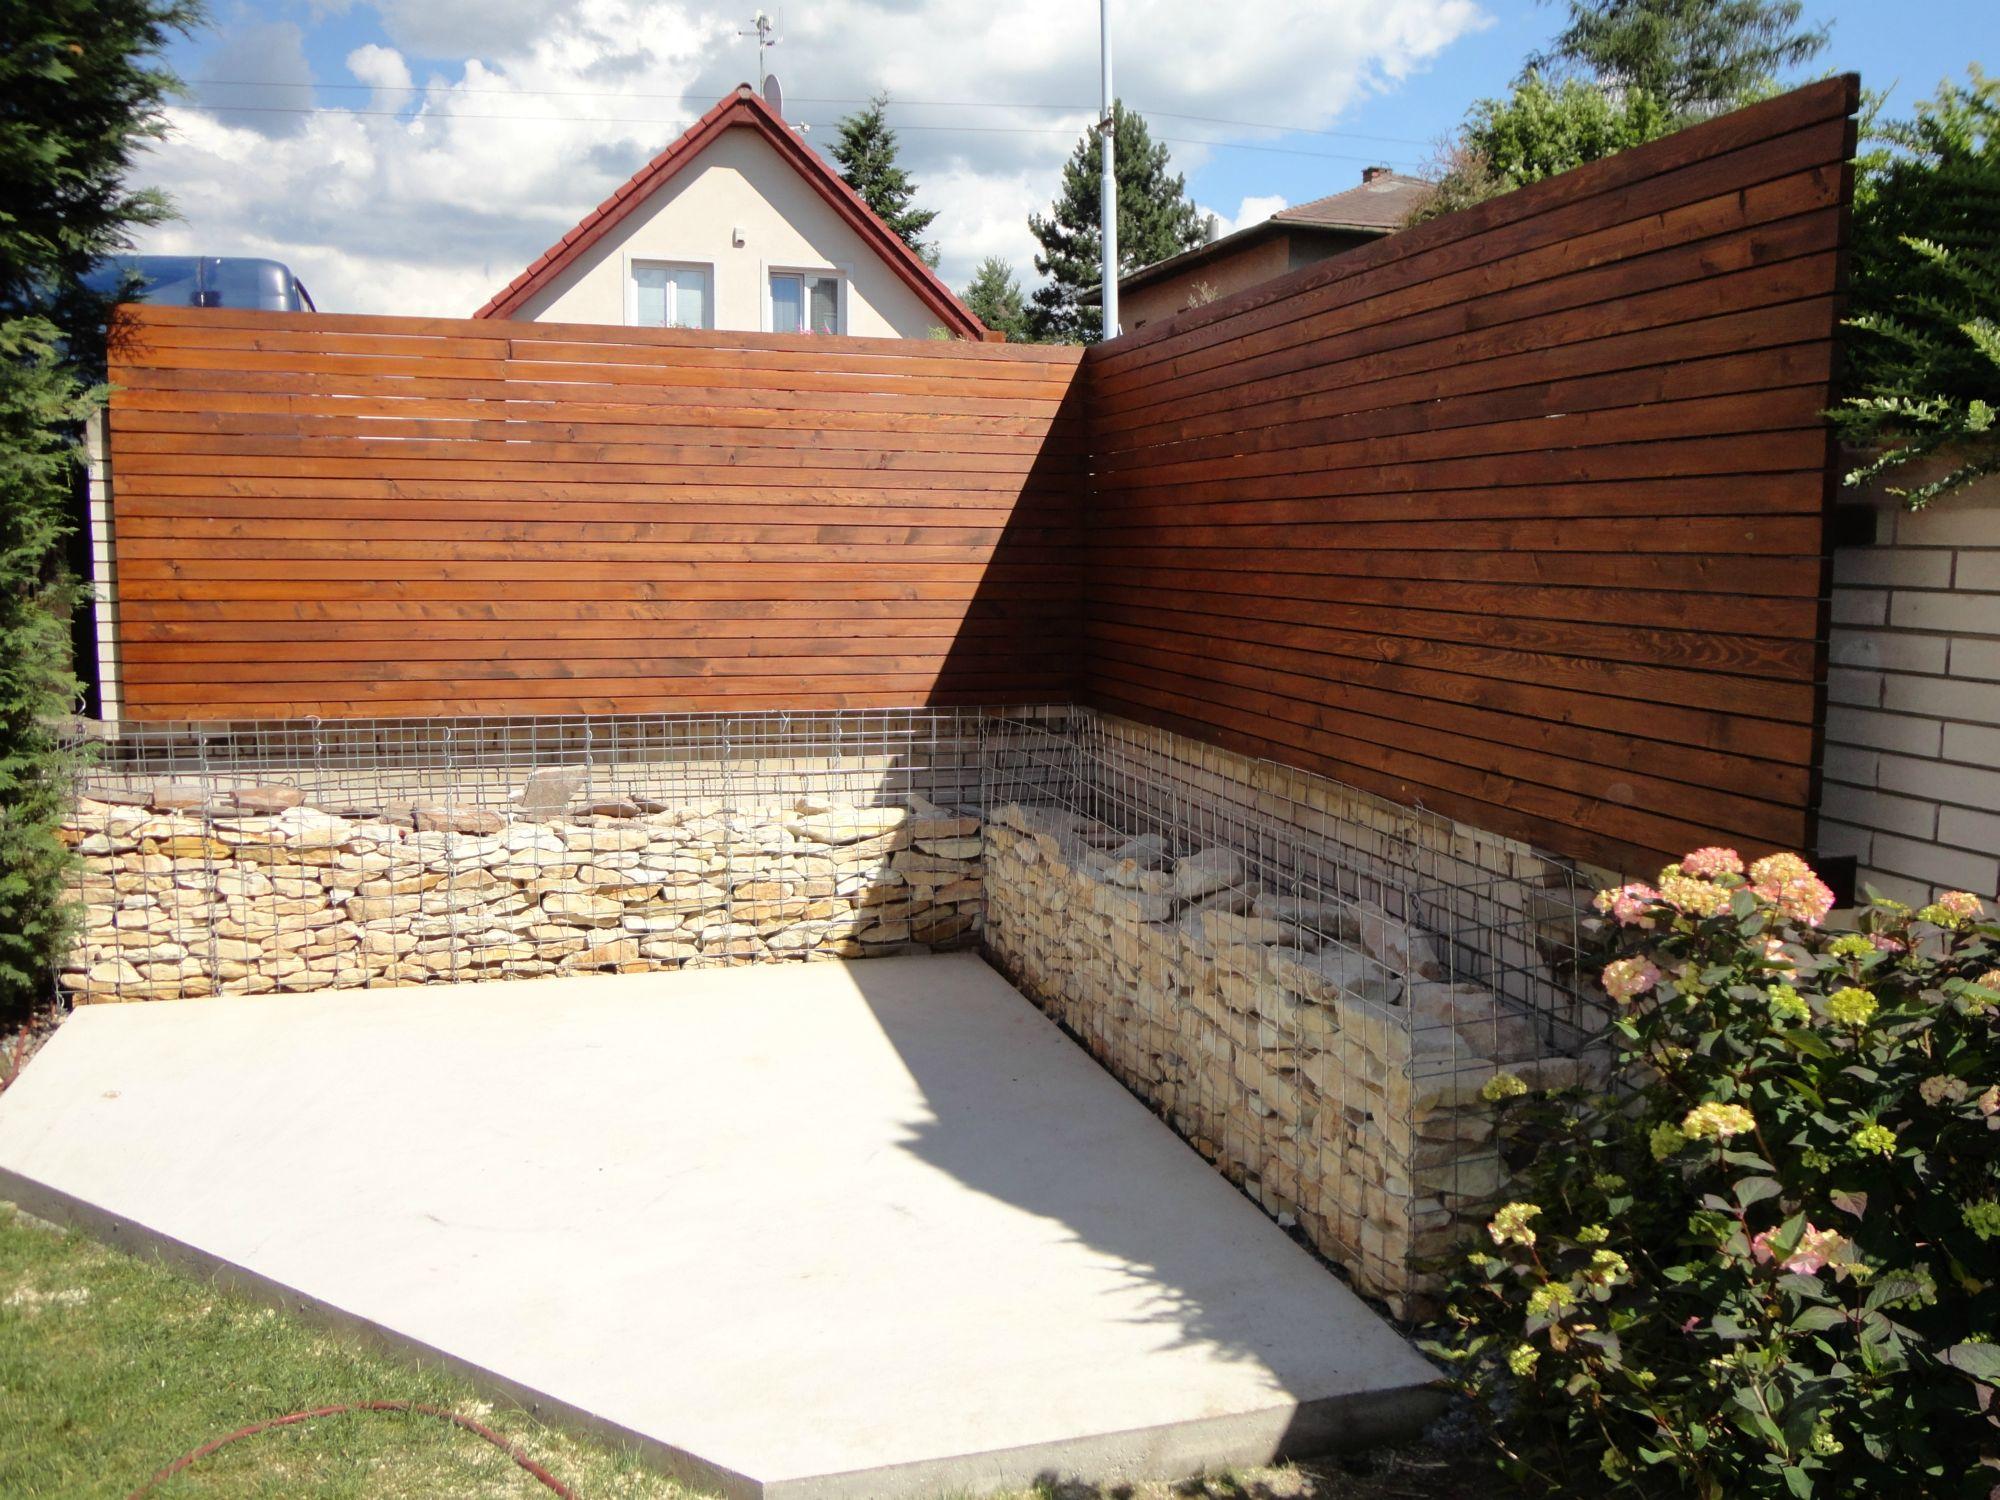 Full Size of Garten Trennwände Trennwnde Naturhouse Led Spot Sonnensegel Versicherung Schallschutz Lounge Möbel Sauna Kinderschaukel Gerätehaus Sofa Paravent Wohnzimmer Garten Trennwände